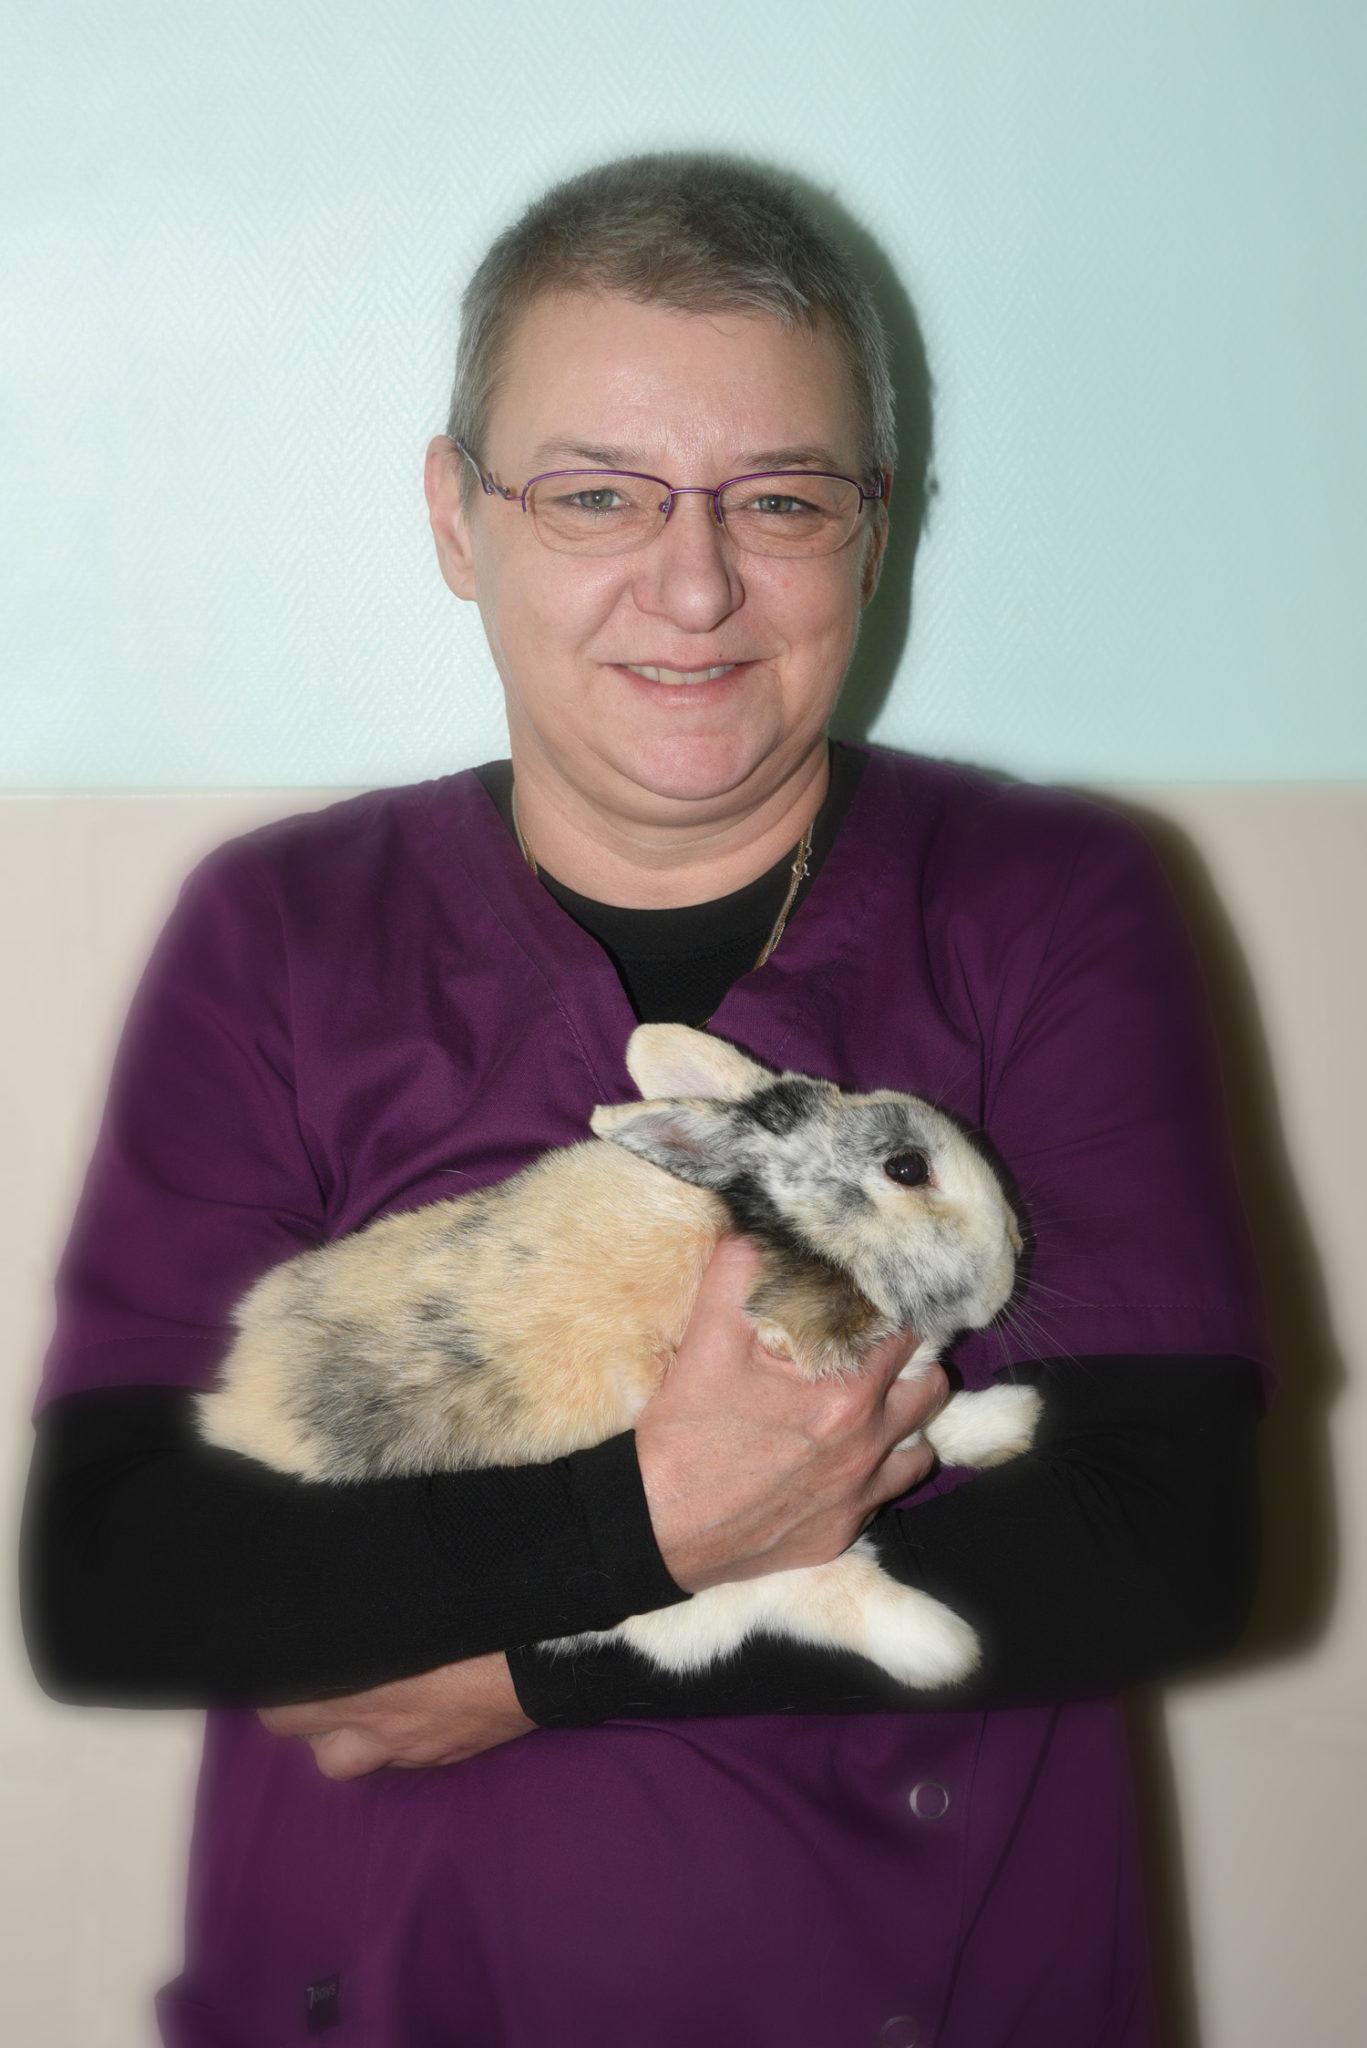 docteur clinique asv vétérinaire passerelle judith grigny givors chasse sur rhone urgence animal